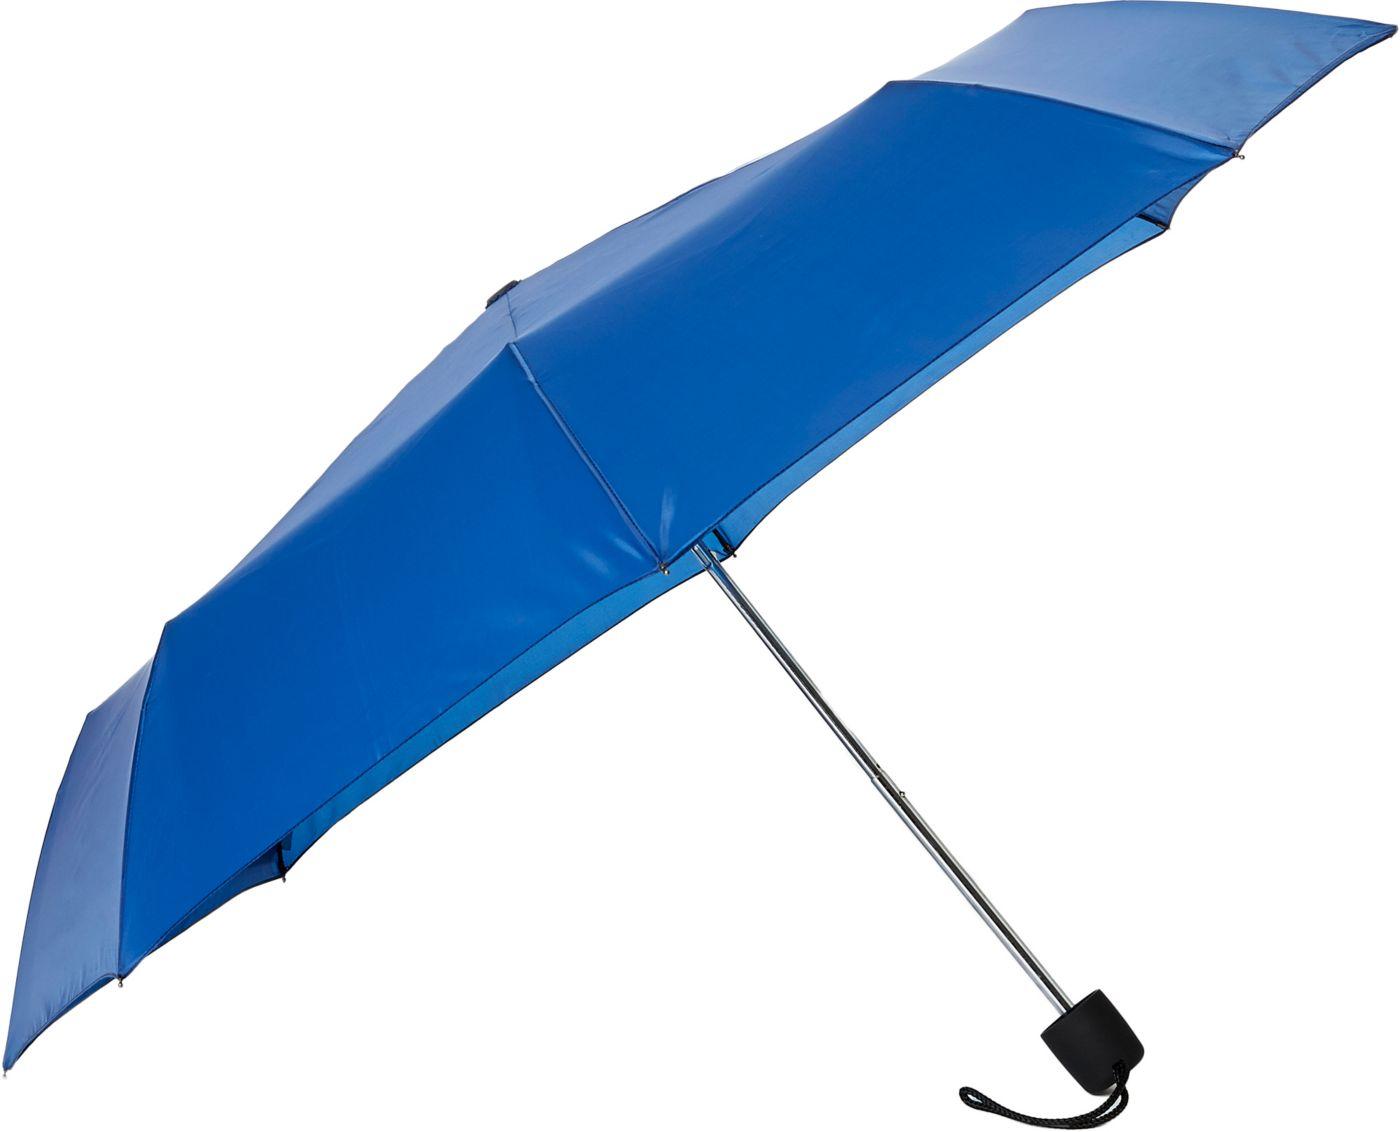 Dicks Sporting Goods 42'' Manual Umbrella